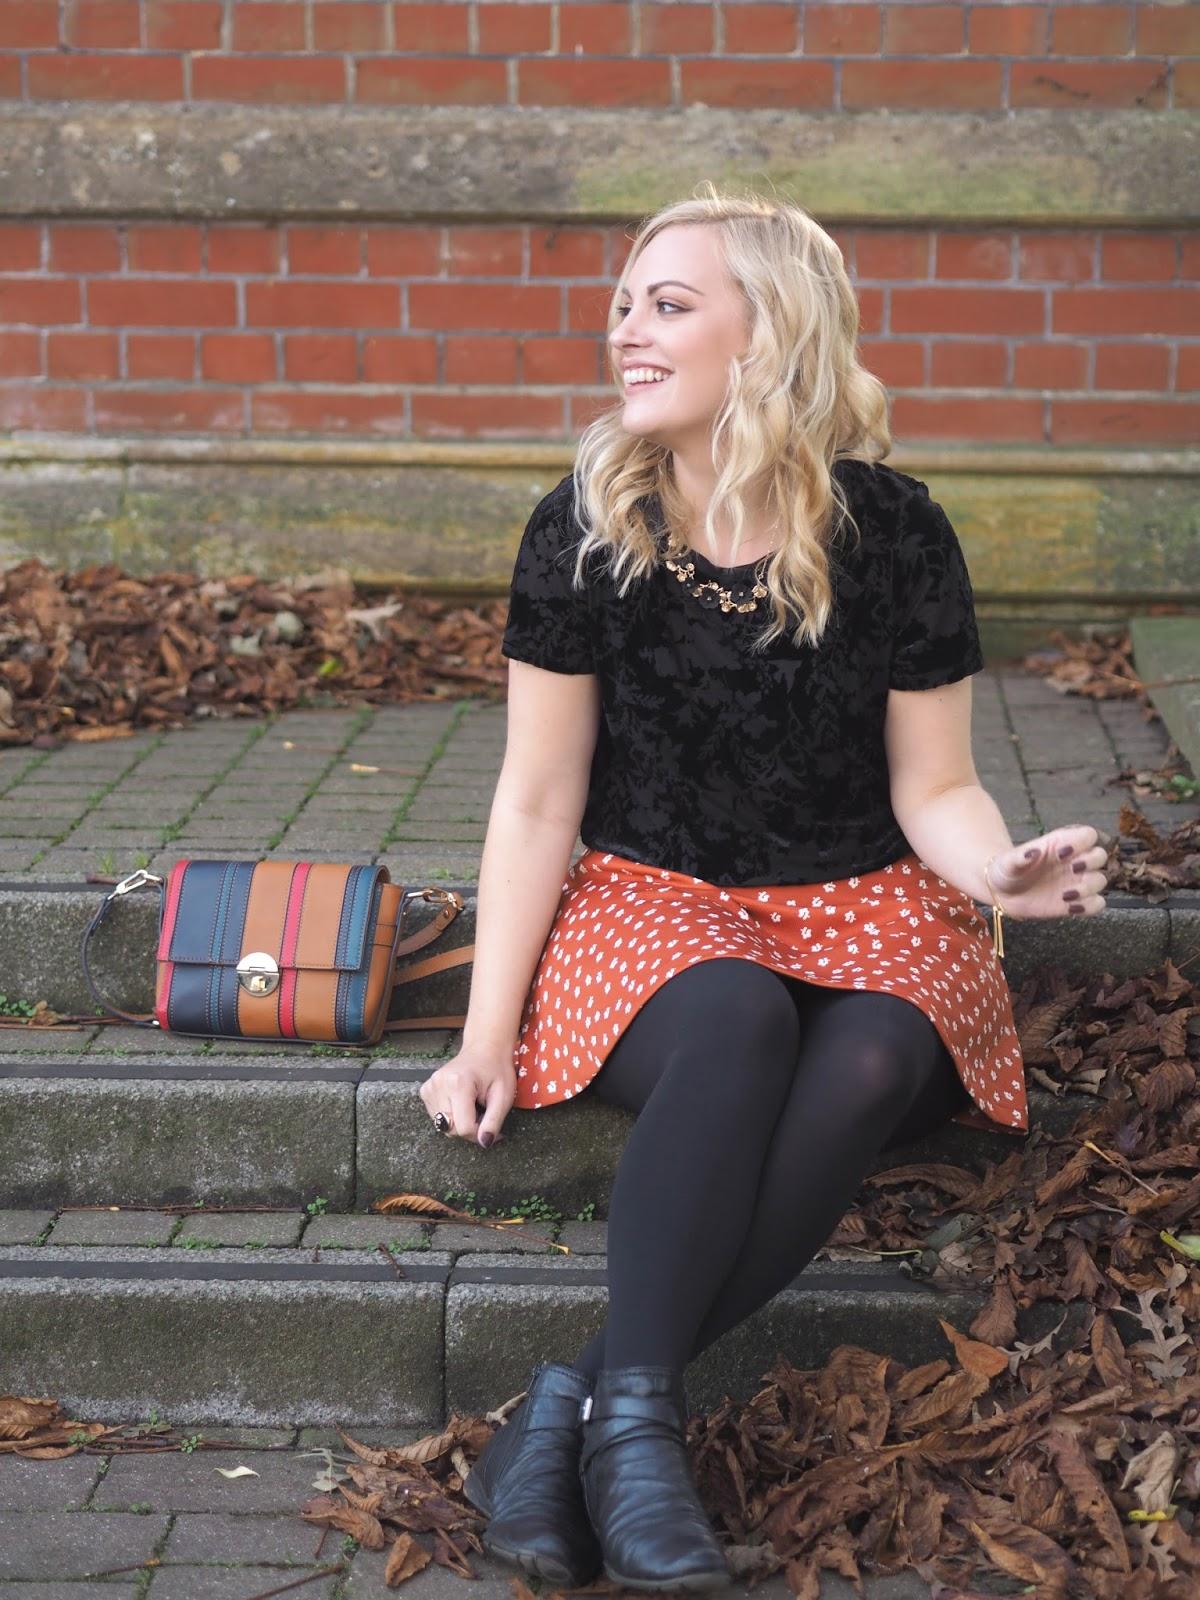 Autumn Oranges & Pumpkin Picking, Katie Kirk Loves, UK Blogger, Fashion Blogger, Oasis Fashion, Autumn Style, Autumn Outfit Ideas, Autumn Fashion, Asos, Boohoo, Yumi, Next, Accessorize, Style Blogger, Fashion Influencer, Style Influencer, Fashion Discount Code